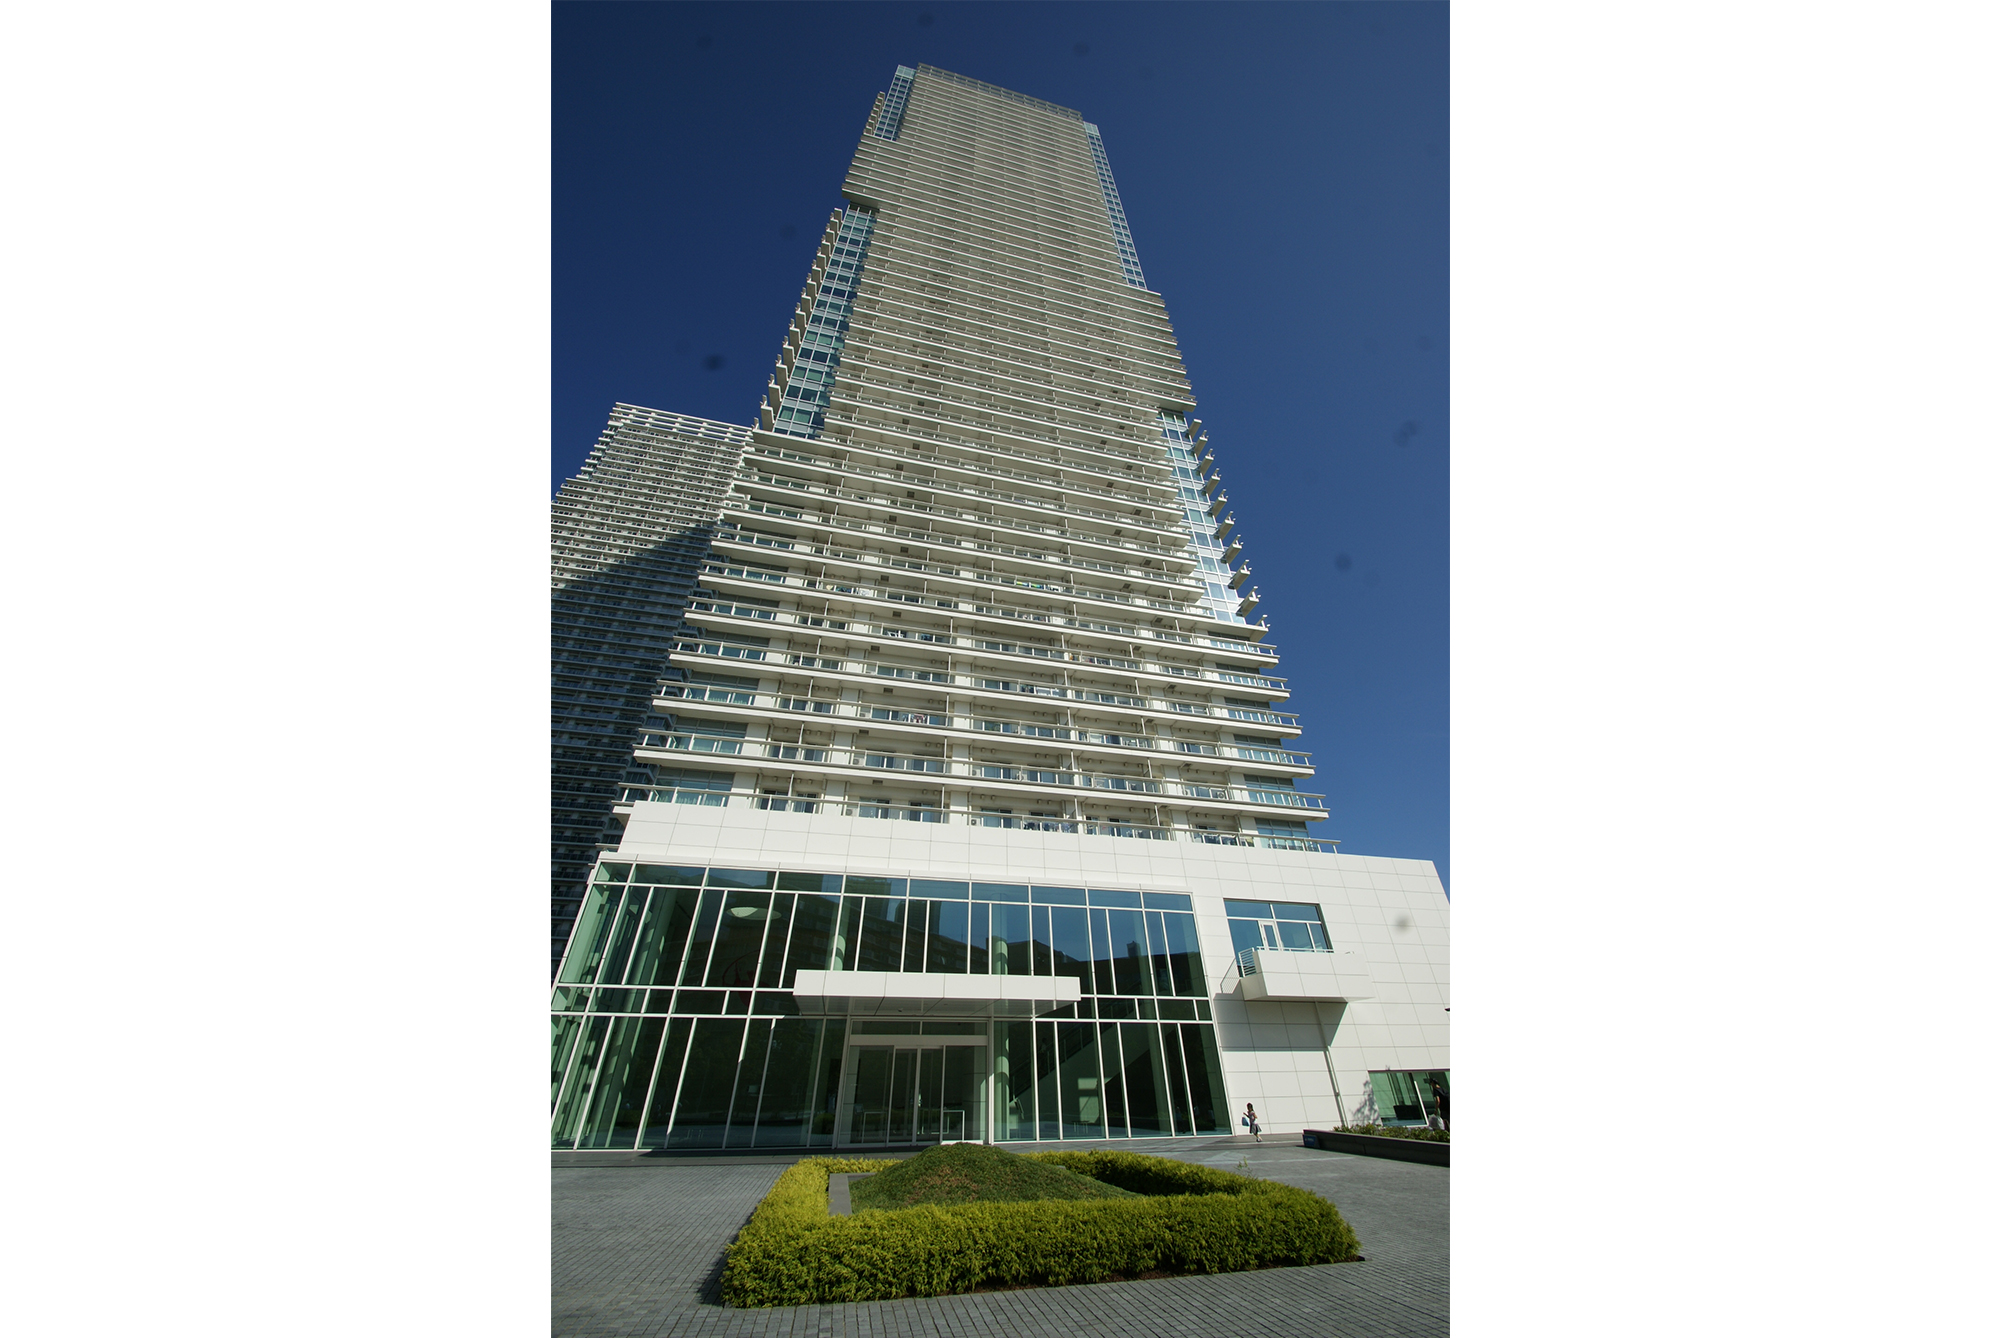 ザ・パークハウス晴海タワーズ クロノレジデンス 33階の写真3